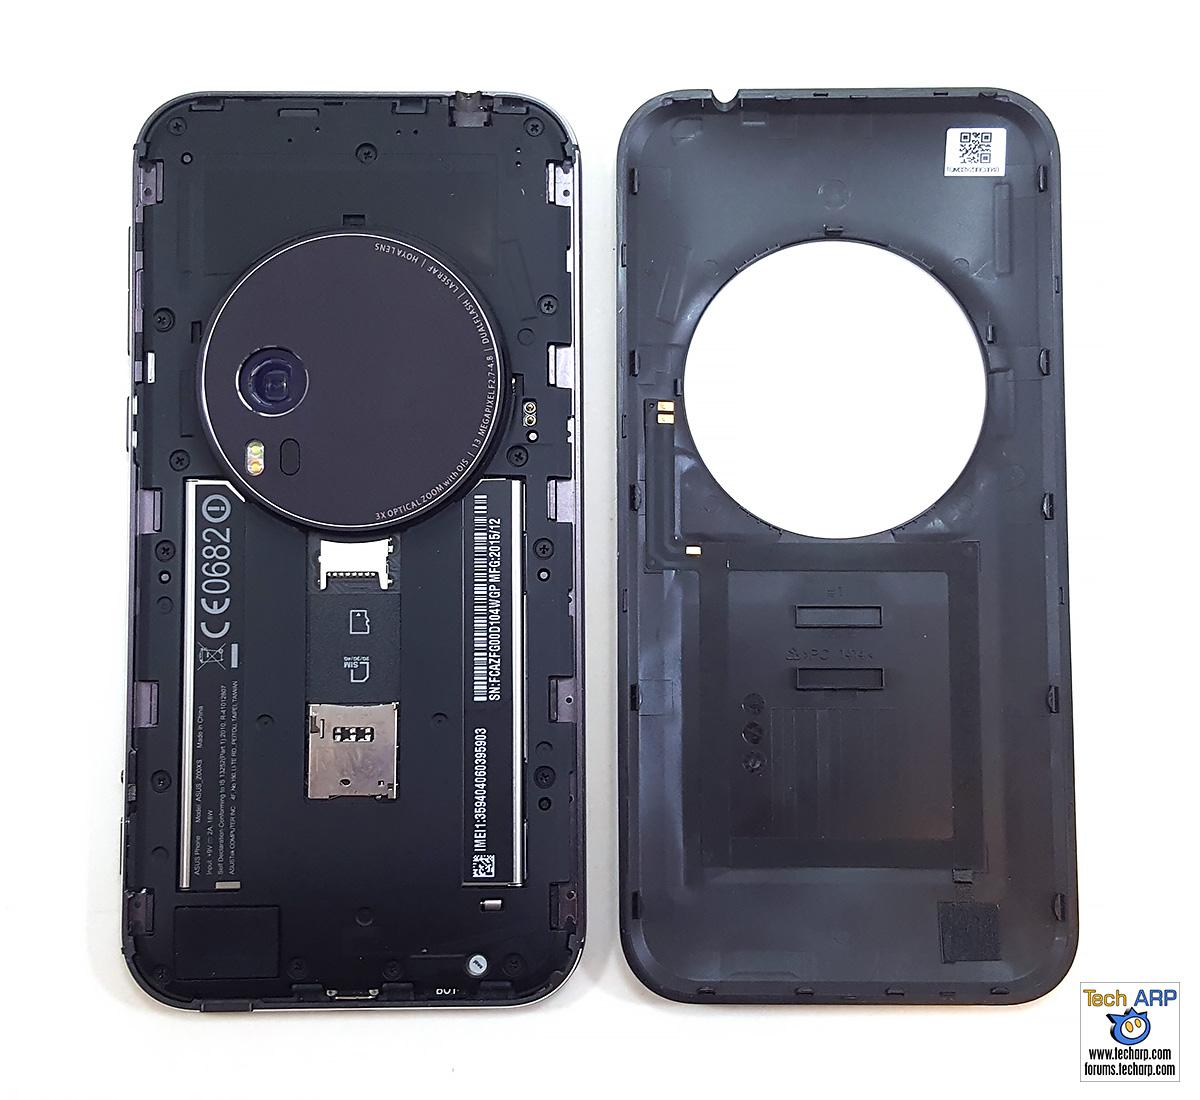 ASUS ZenFone Zoom (ZX551ML) opened